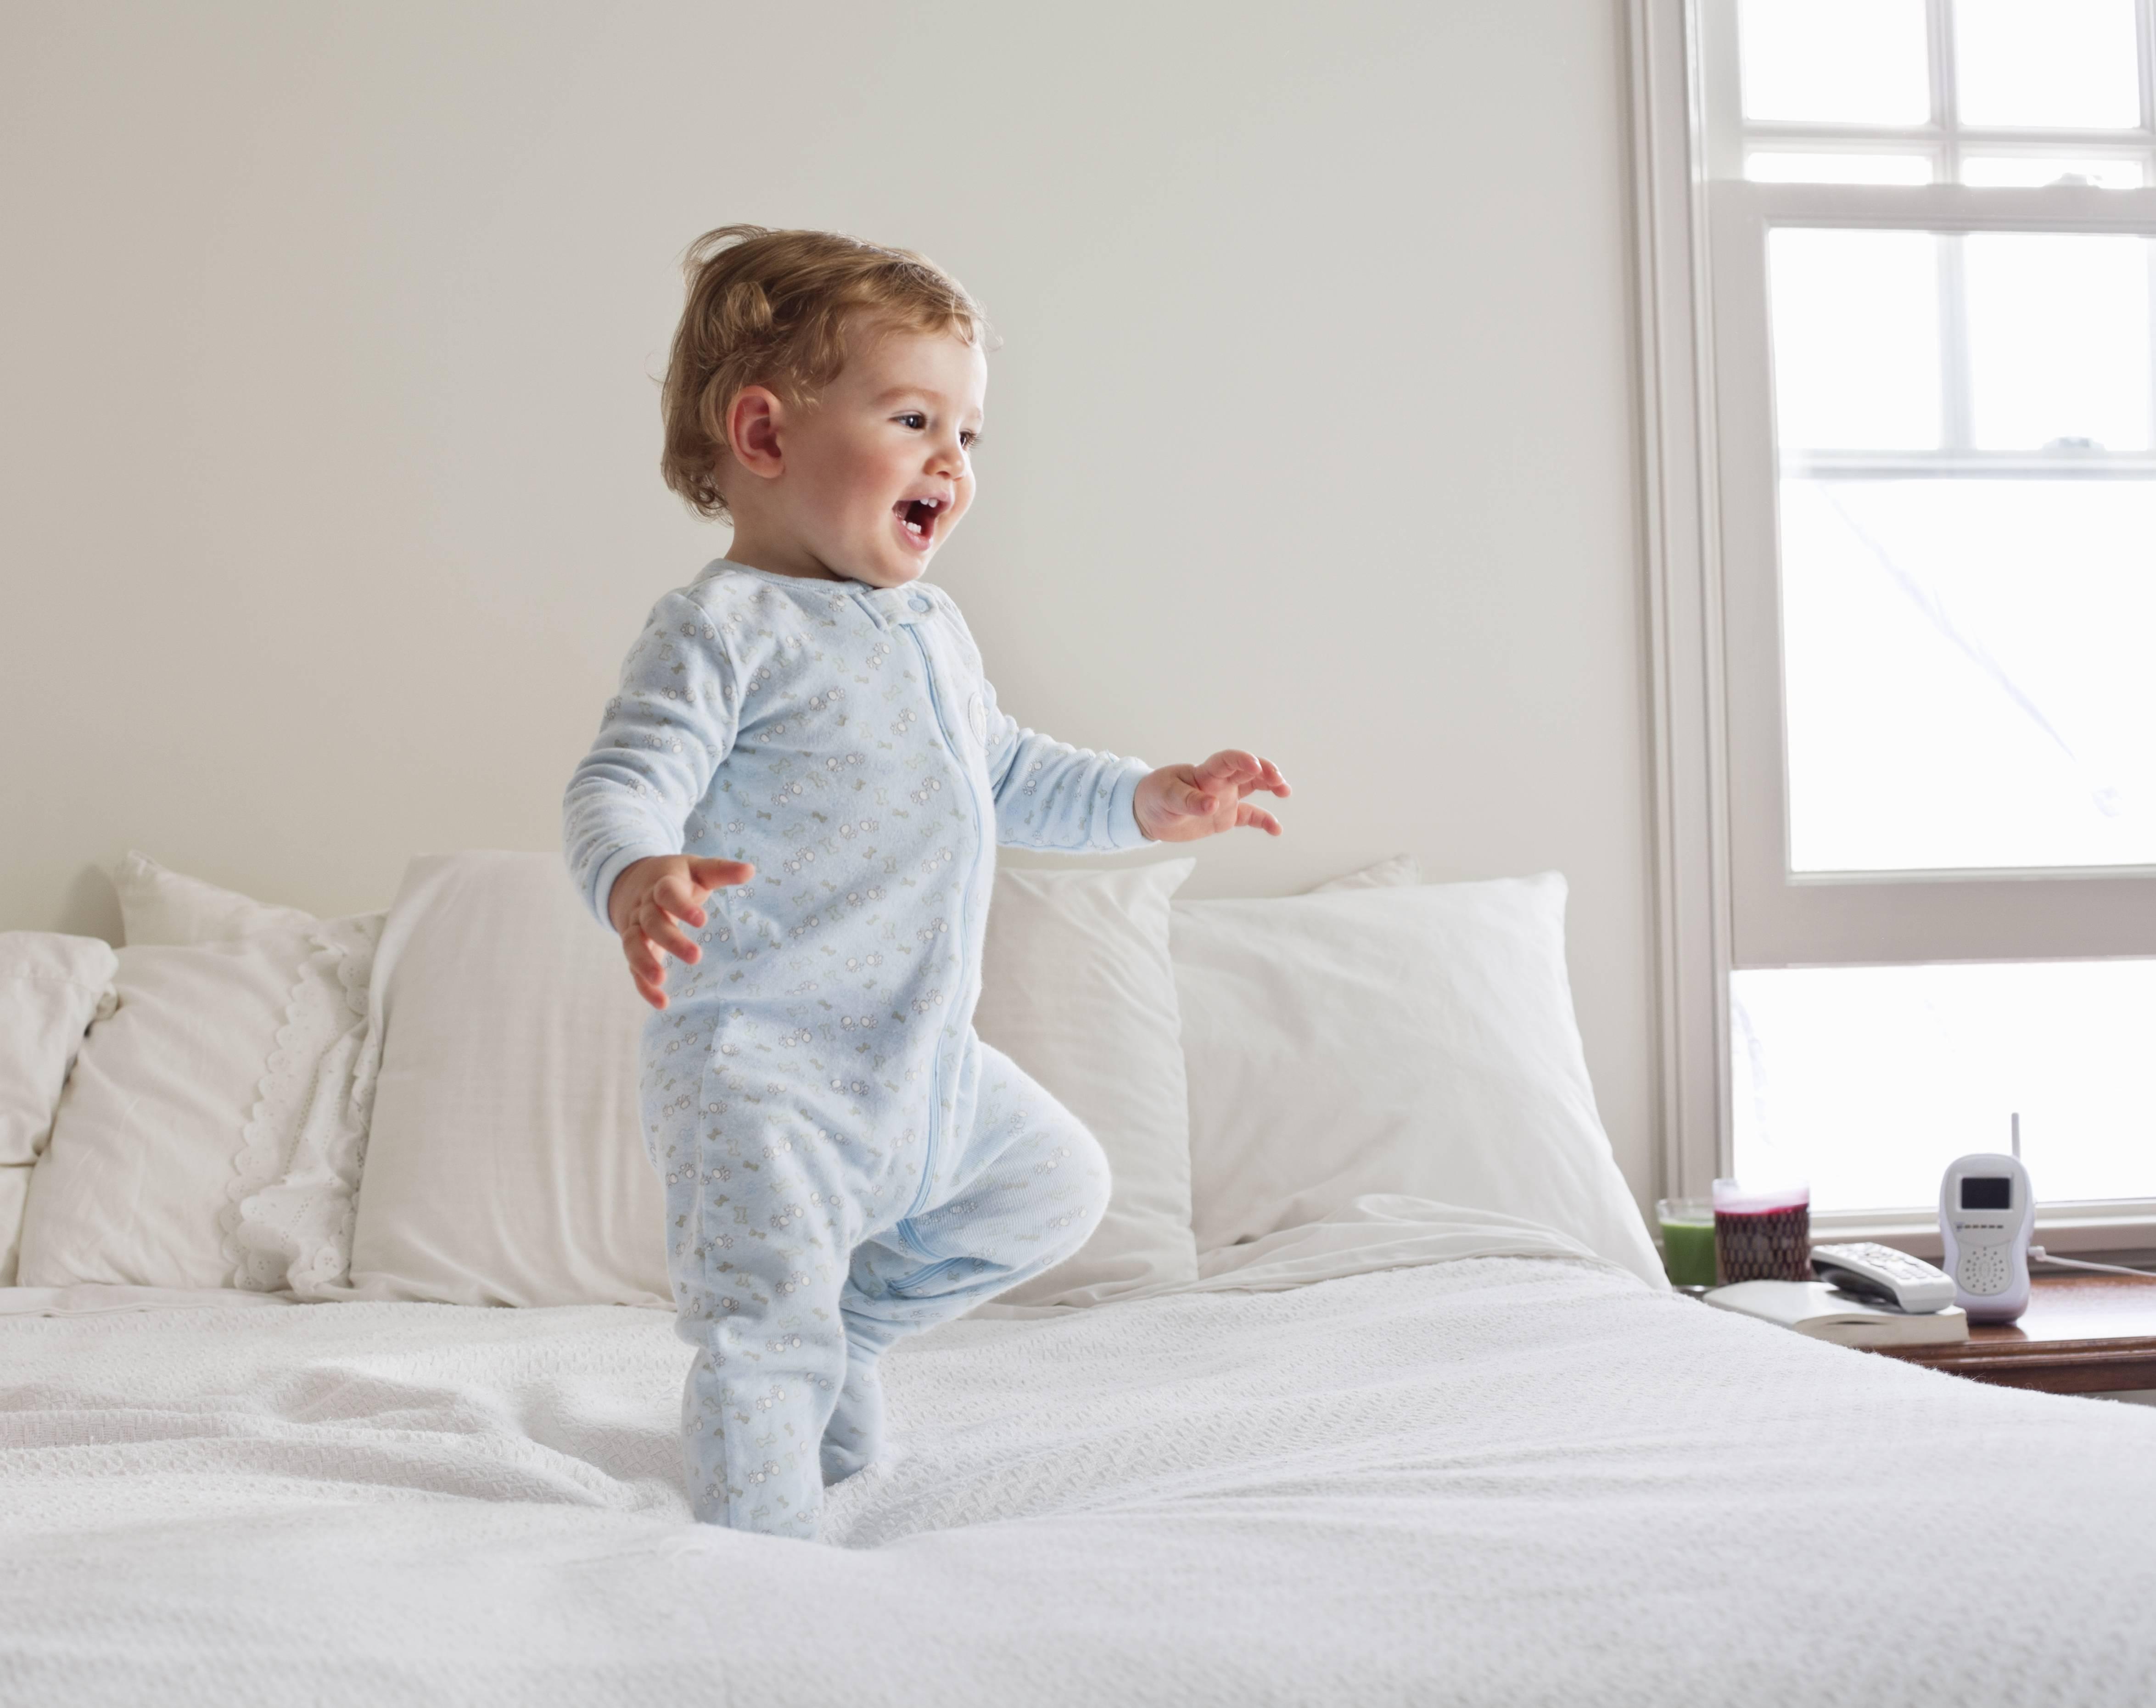 Режим дня ребенка в 1 год (режим сна, кормления, игр и занятий)